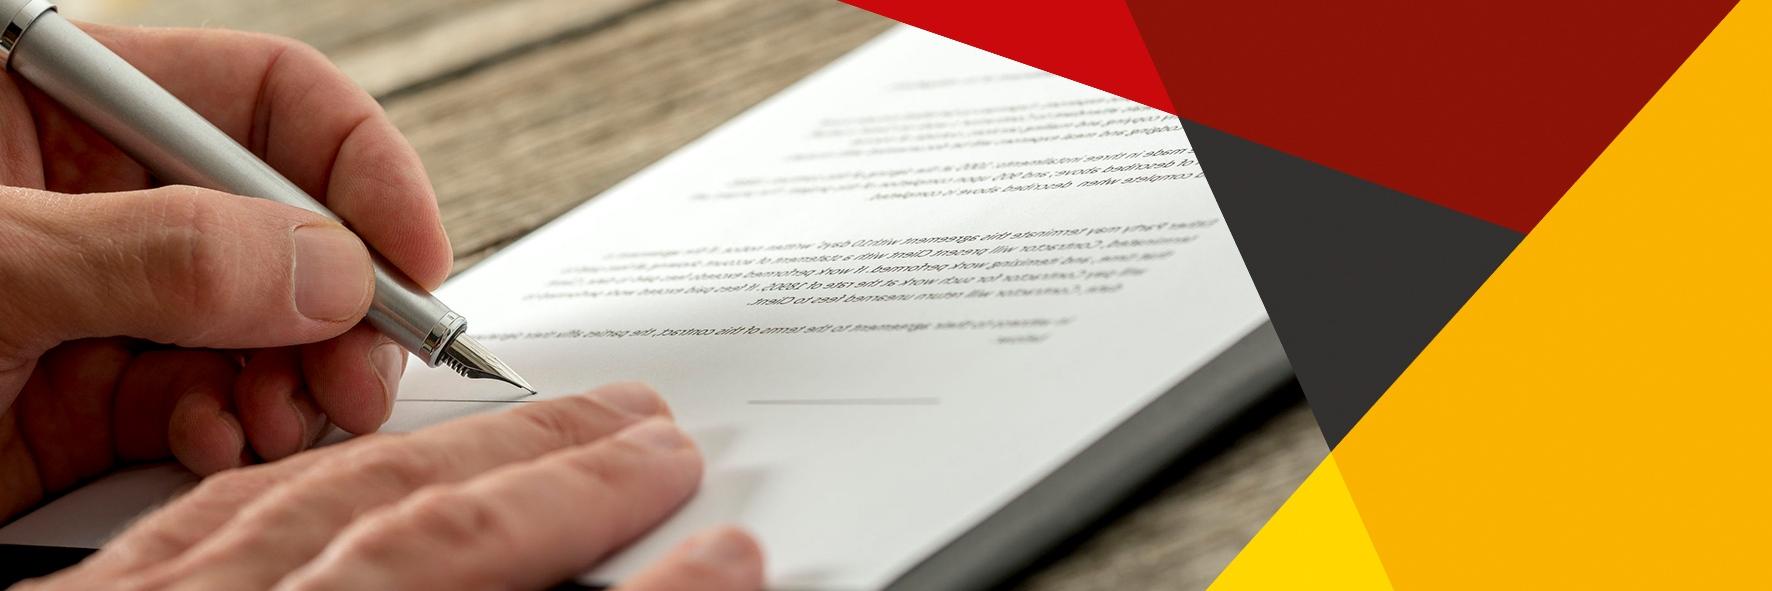 Bild für Beschlussanträge der Fraktion CDU